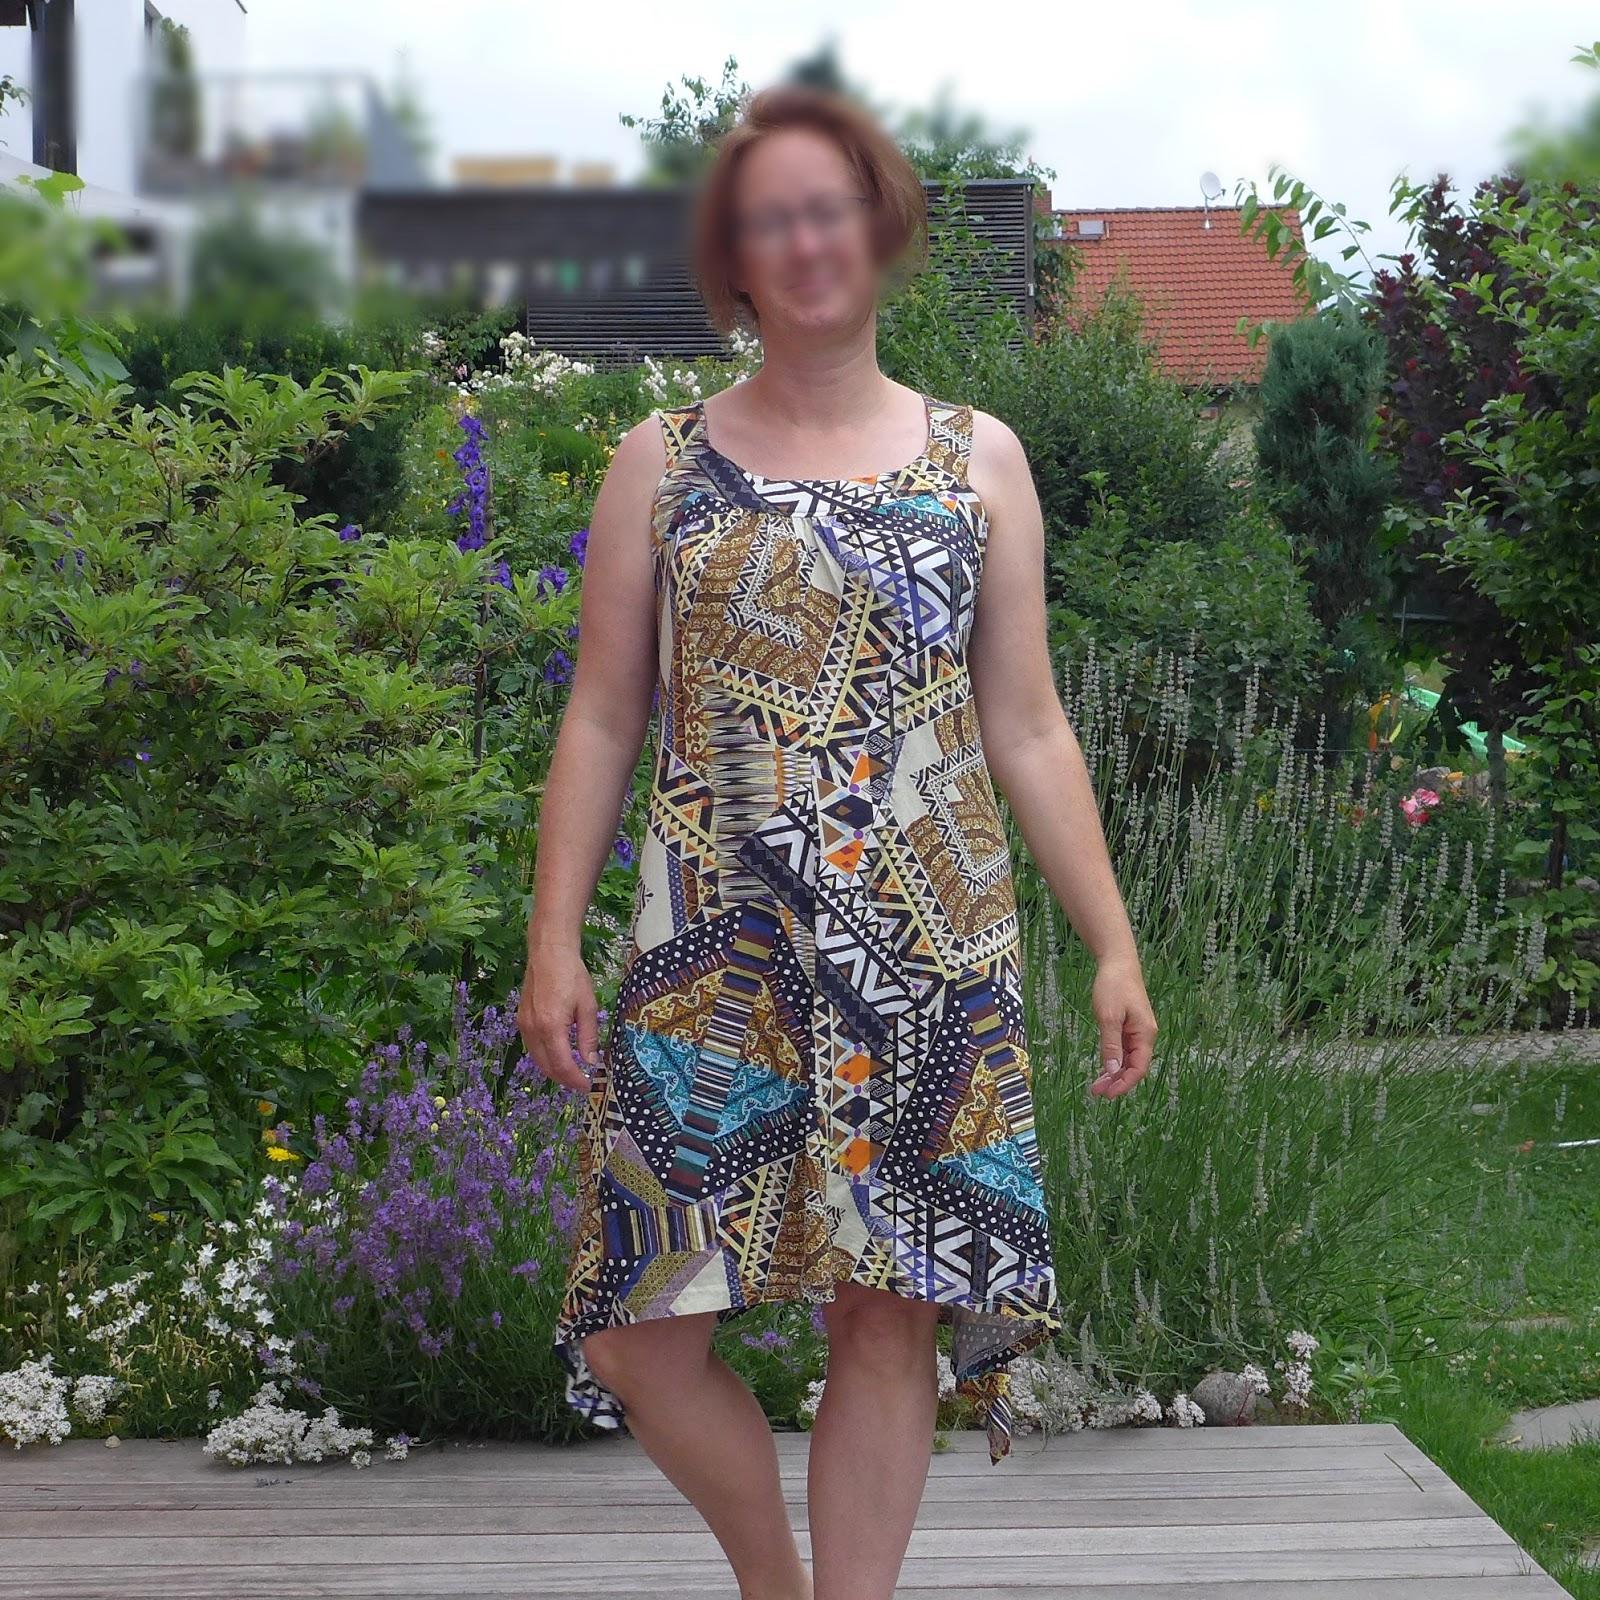 sommer+urlaub+kleider